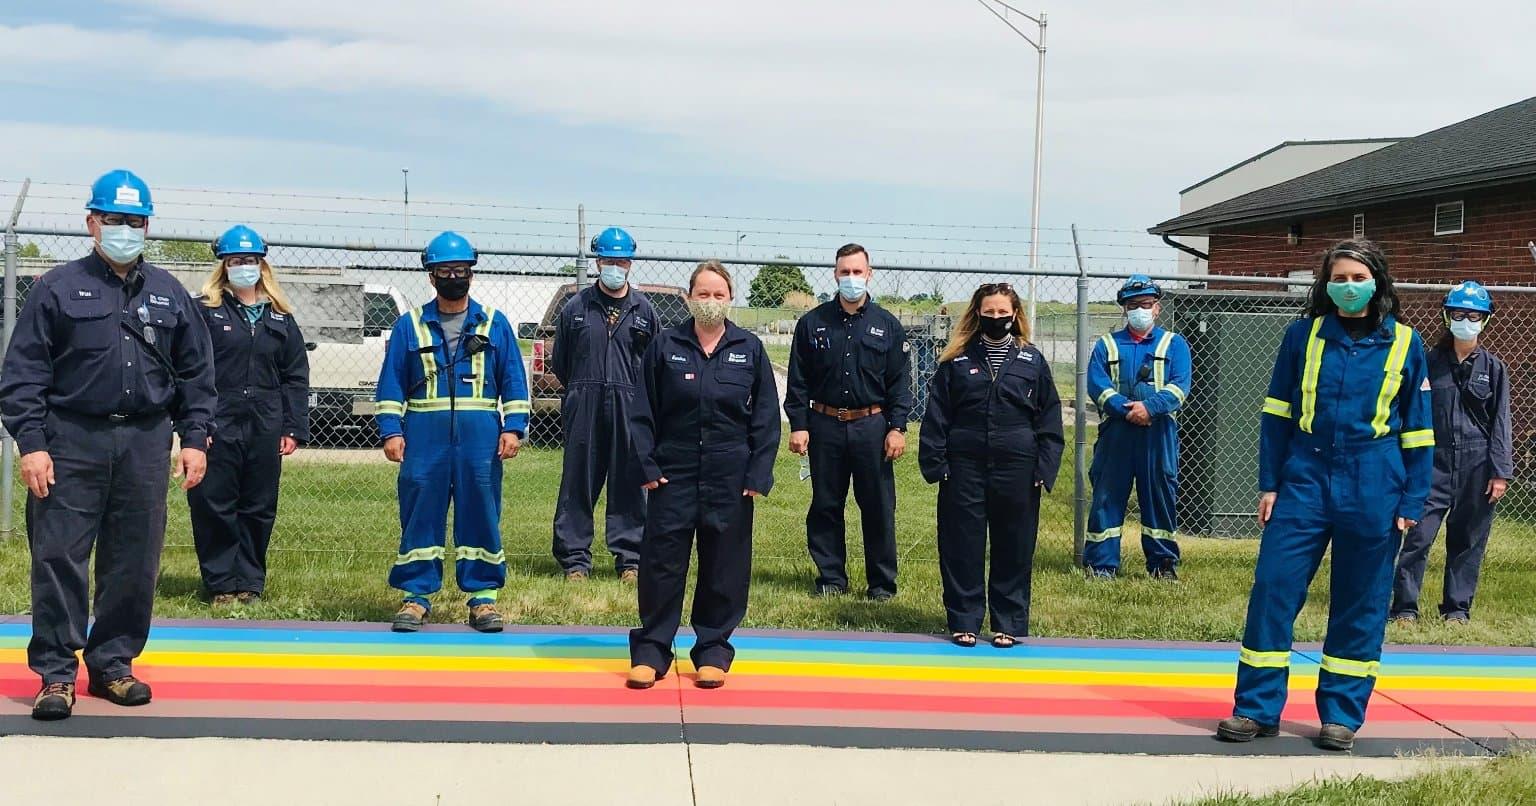 Pour souligner le Mois de la fierté, des passages pour piétons permanents aux couleurs de l'arc-en-ciel ont été installés à l'usine d'éthanol de St. Clair. Nous hisserons le drapeau de la fierté du progrès à toutes nos installations d'exploitation pendant tout le mois de juin.